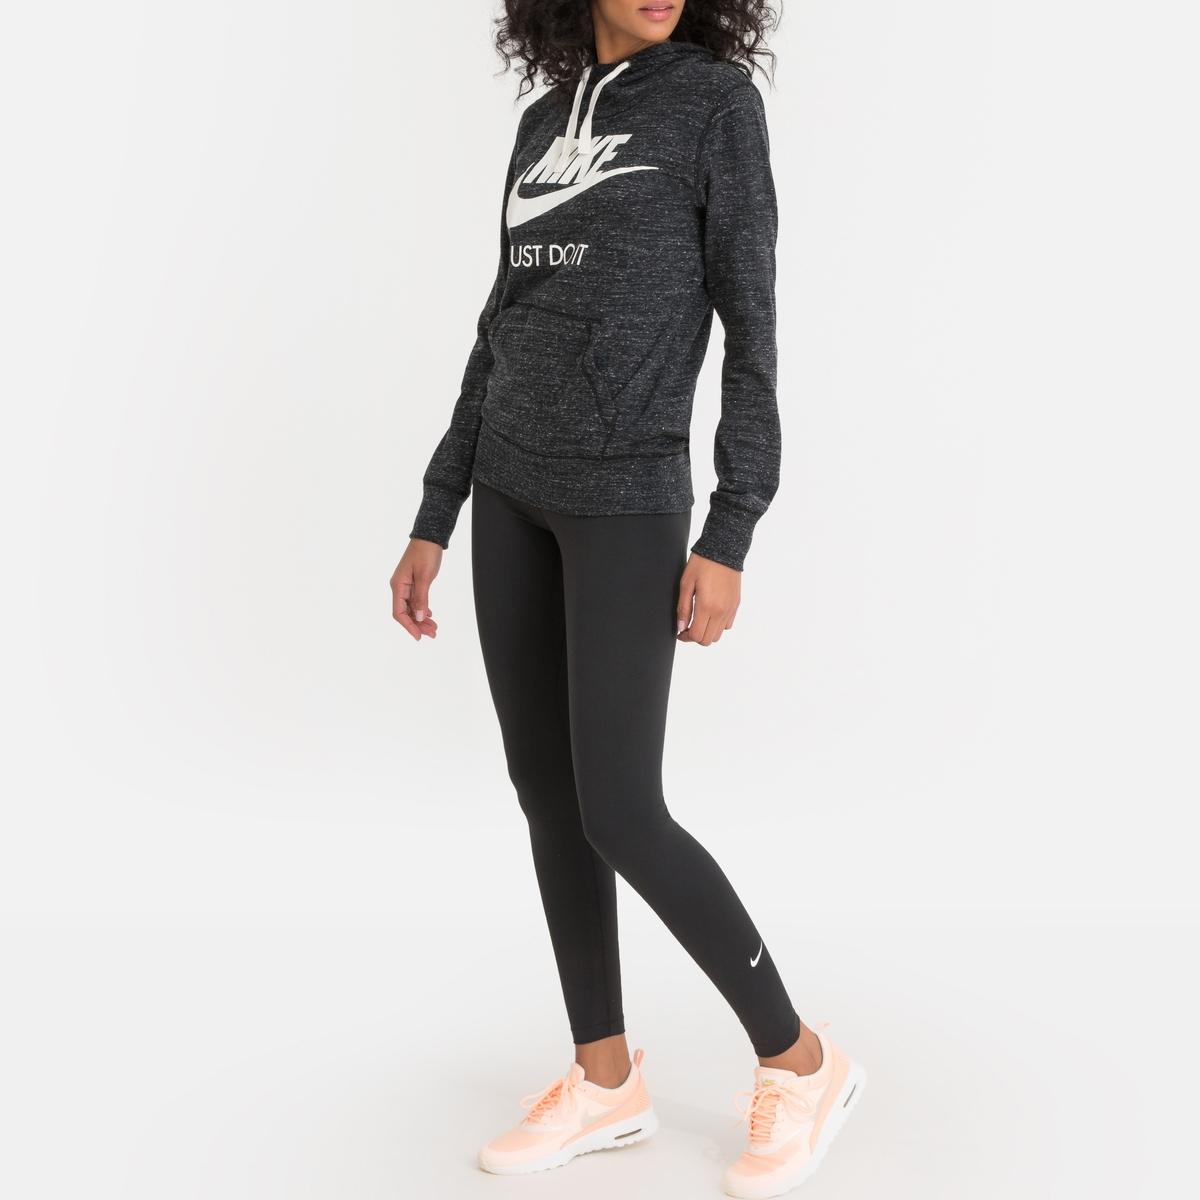 Imagen secundaria de producto de Sudadera con cremallera y capucha Nike Gym Vintage - Nike